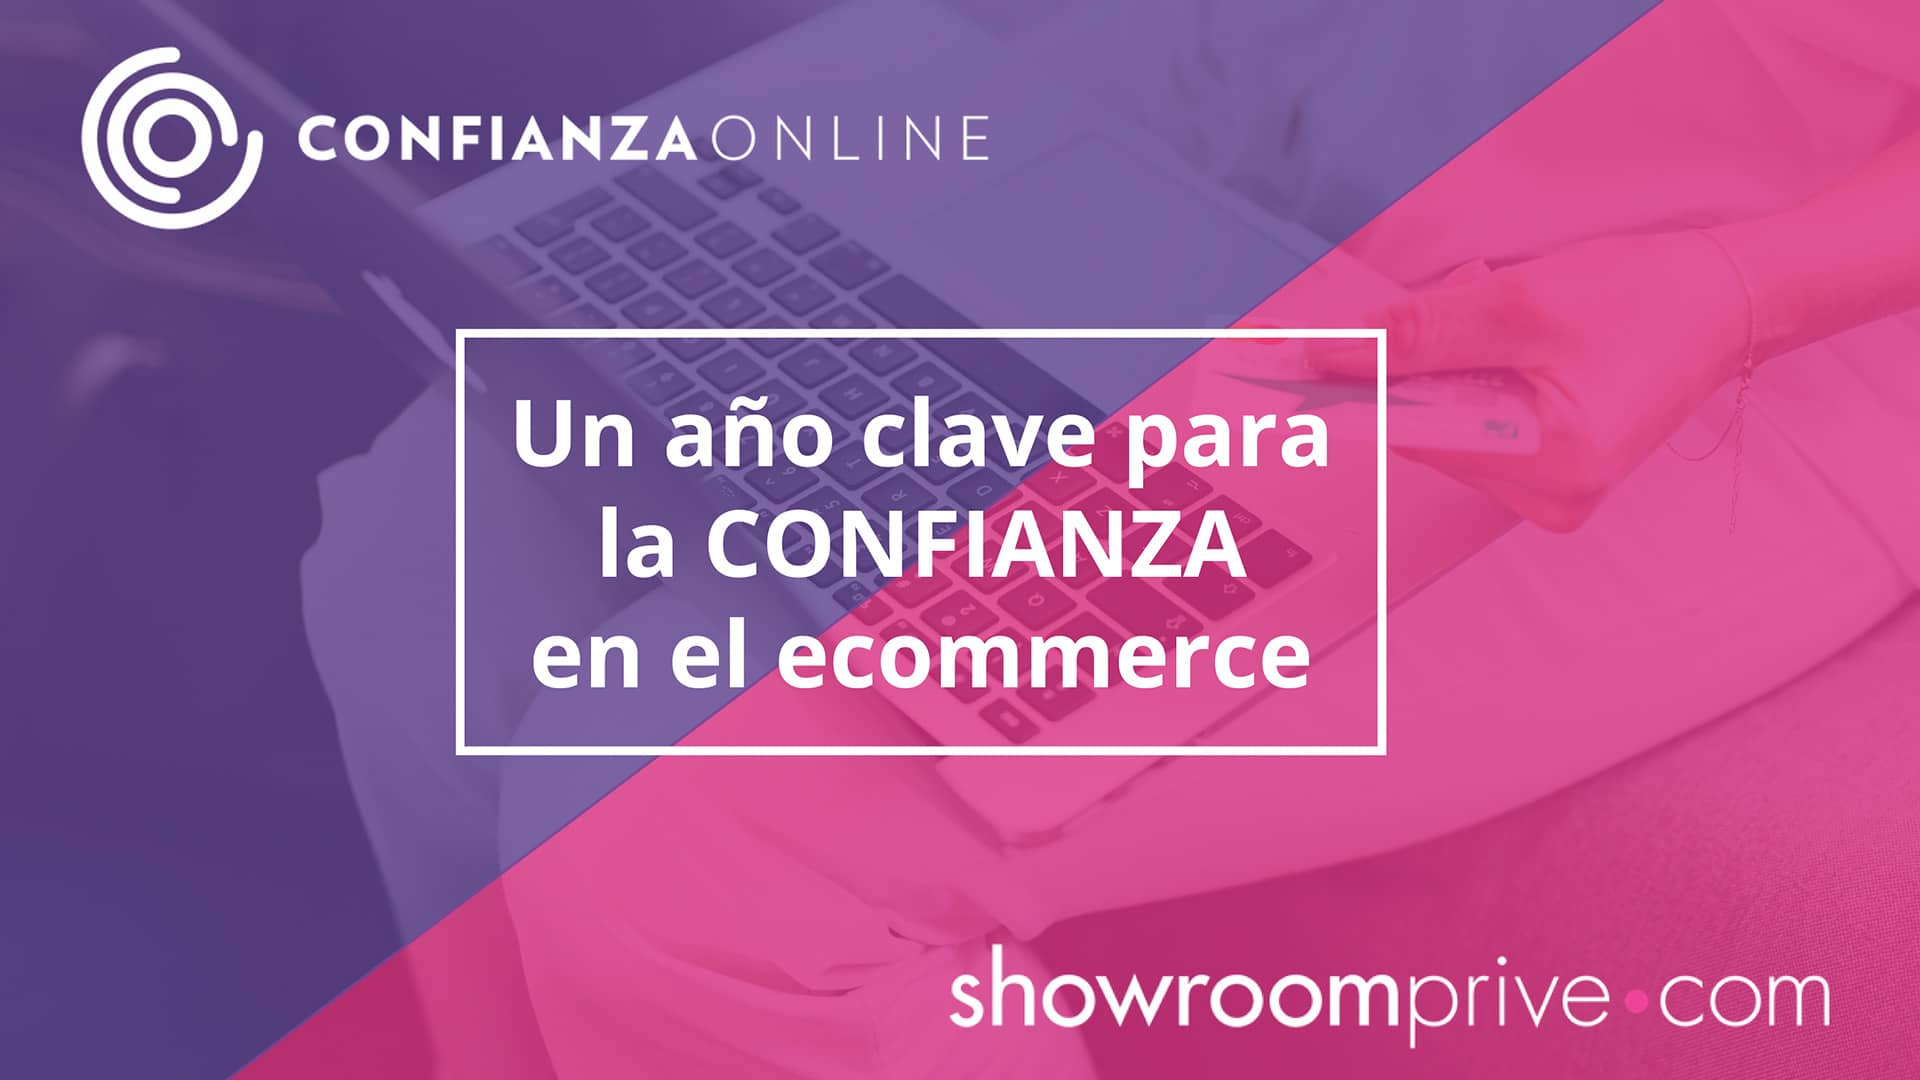 VI Estudio Confianza Online Showroomprive